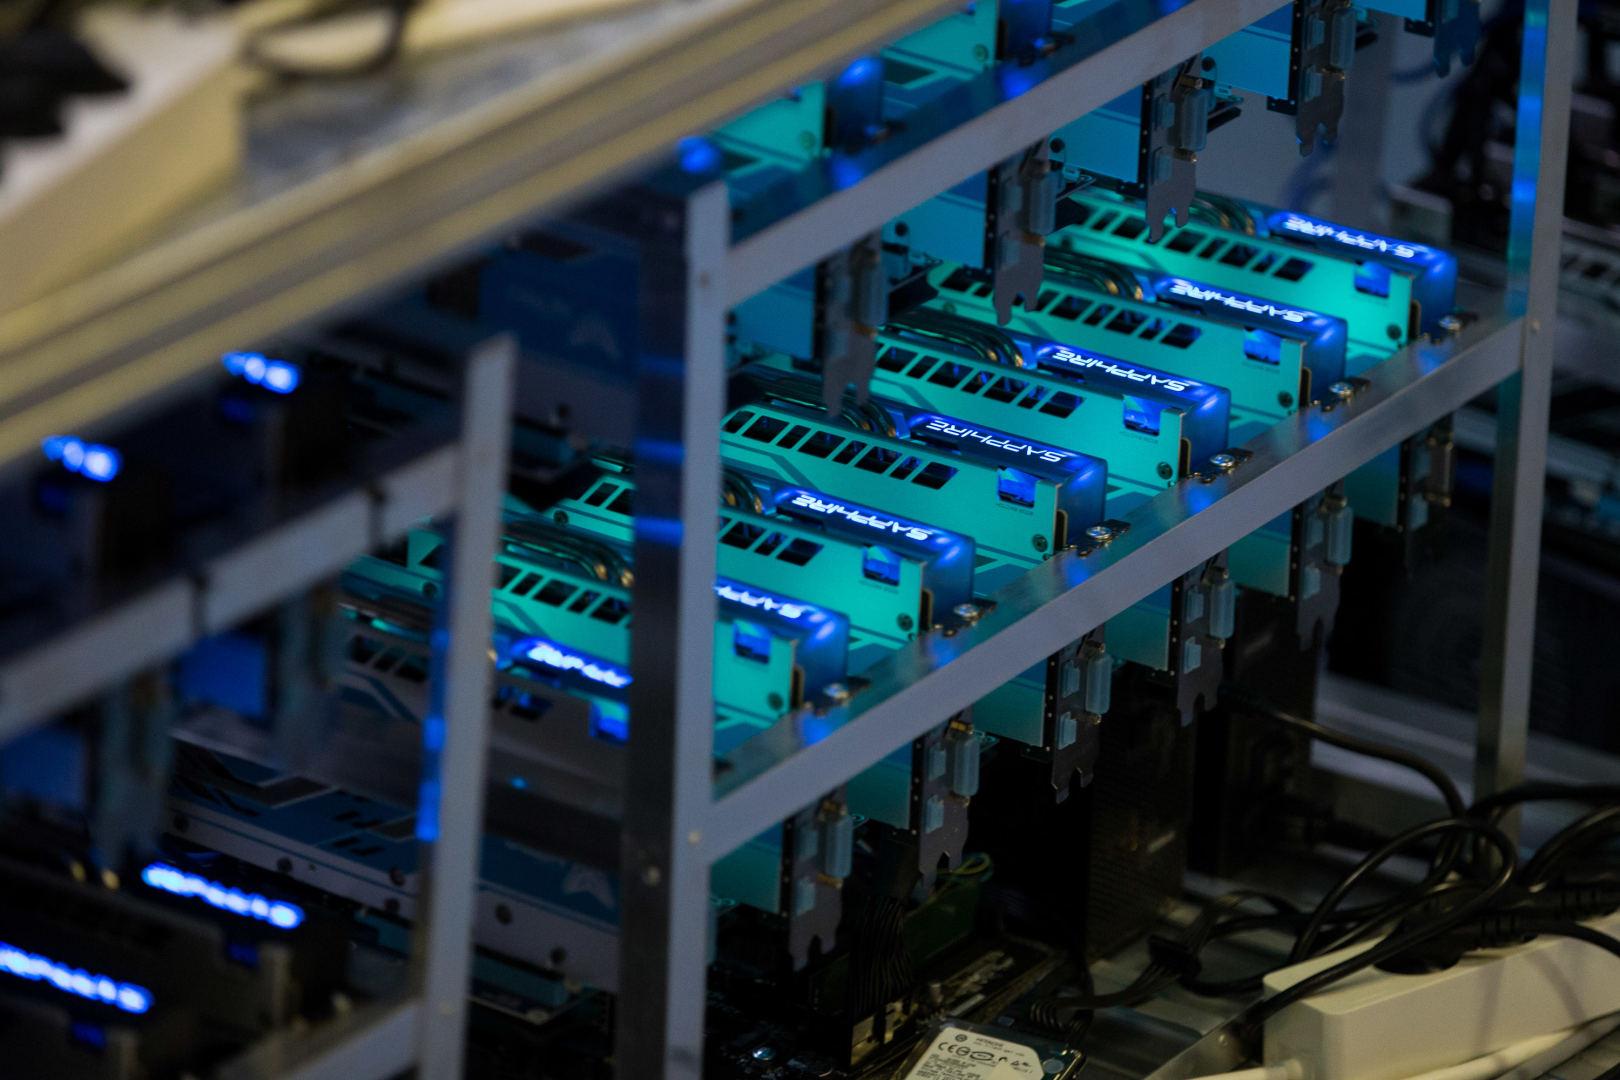 kaip patikrinti, ar kompiuteryje nėra bitkoinų